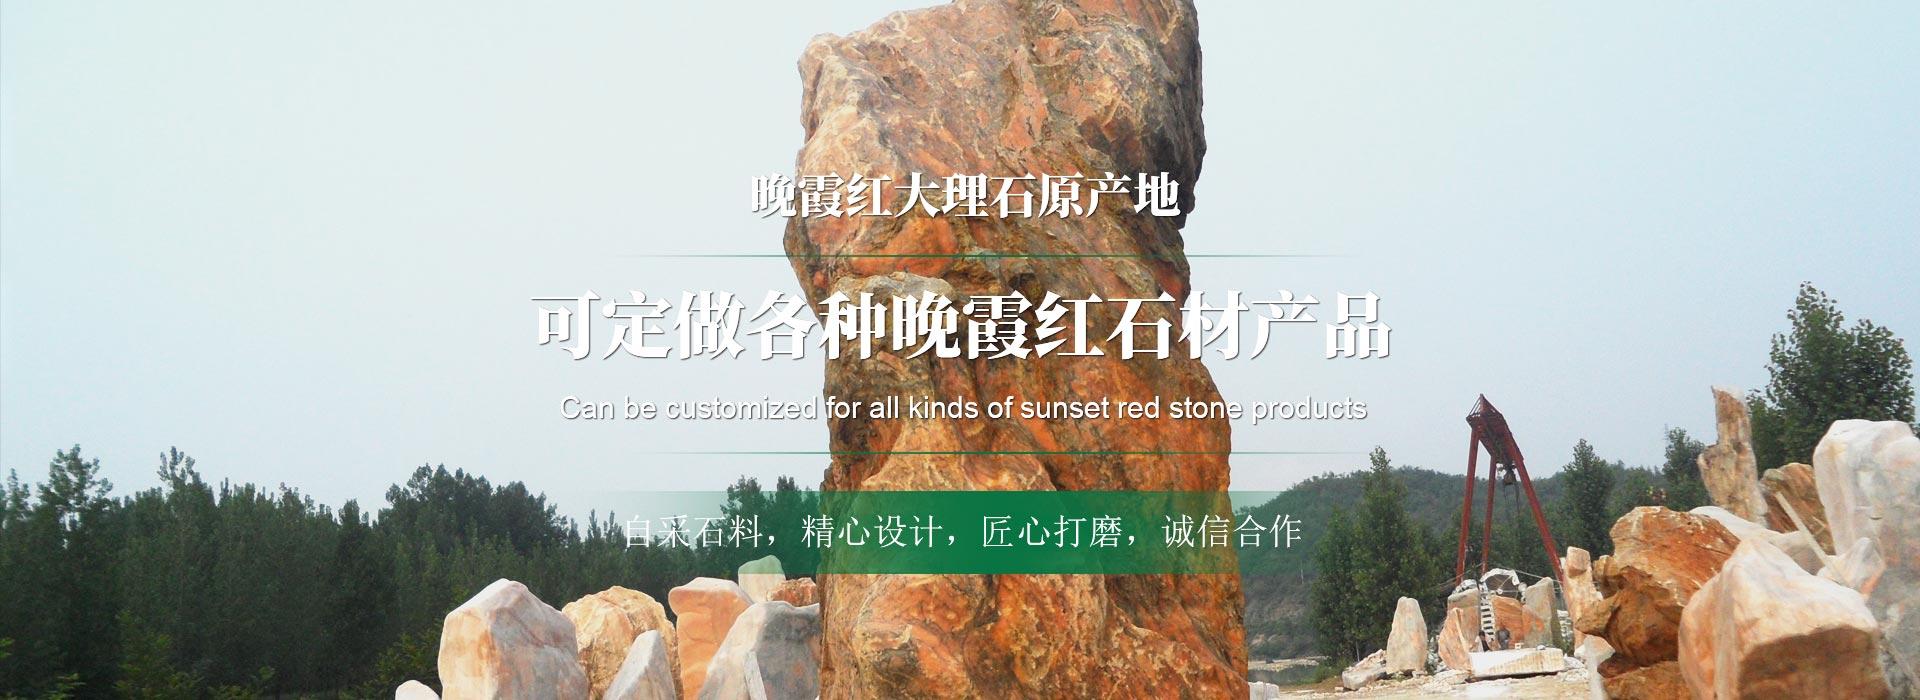 河南蘑菇石